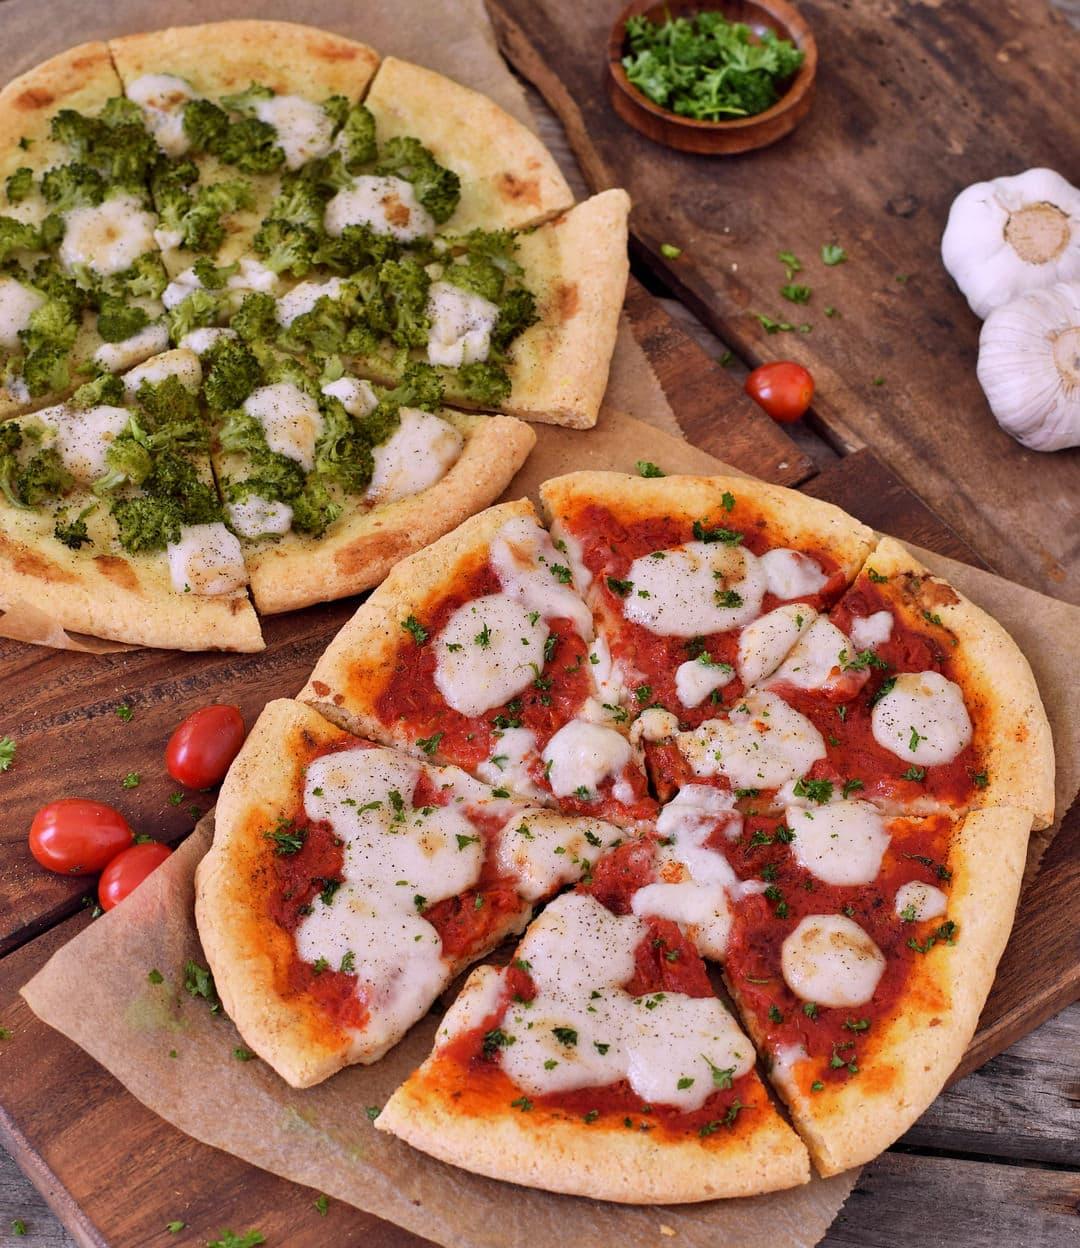 Glutenfreier Pizzateig! Pizza Margherita mit veganem Käse. Dieses Rezept eignet sich nicht nur für alle Arten von Pizza gut, sondern auch für Fladenbrot und Calzone. Pizzateig ohne Xanthan!